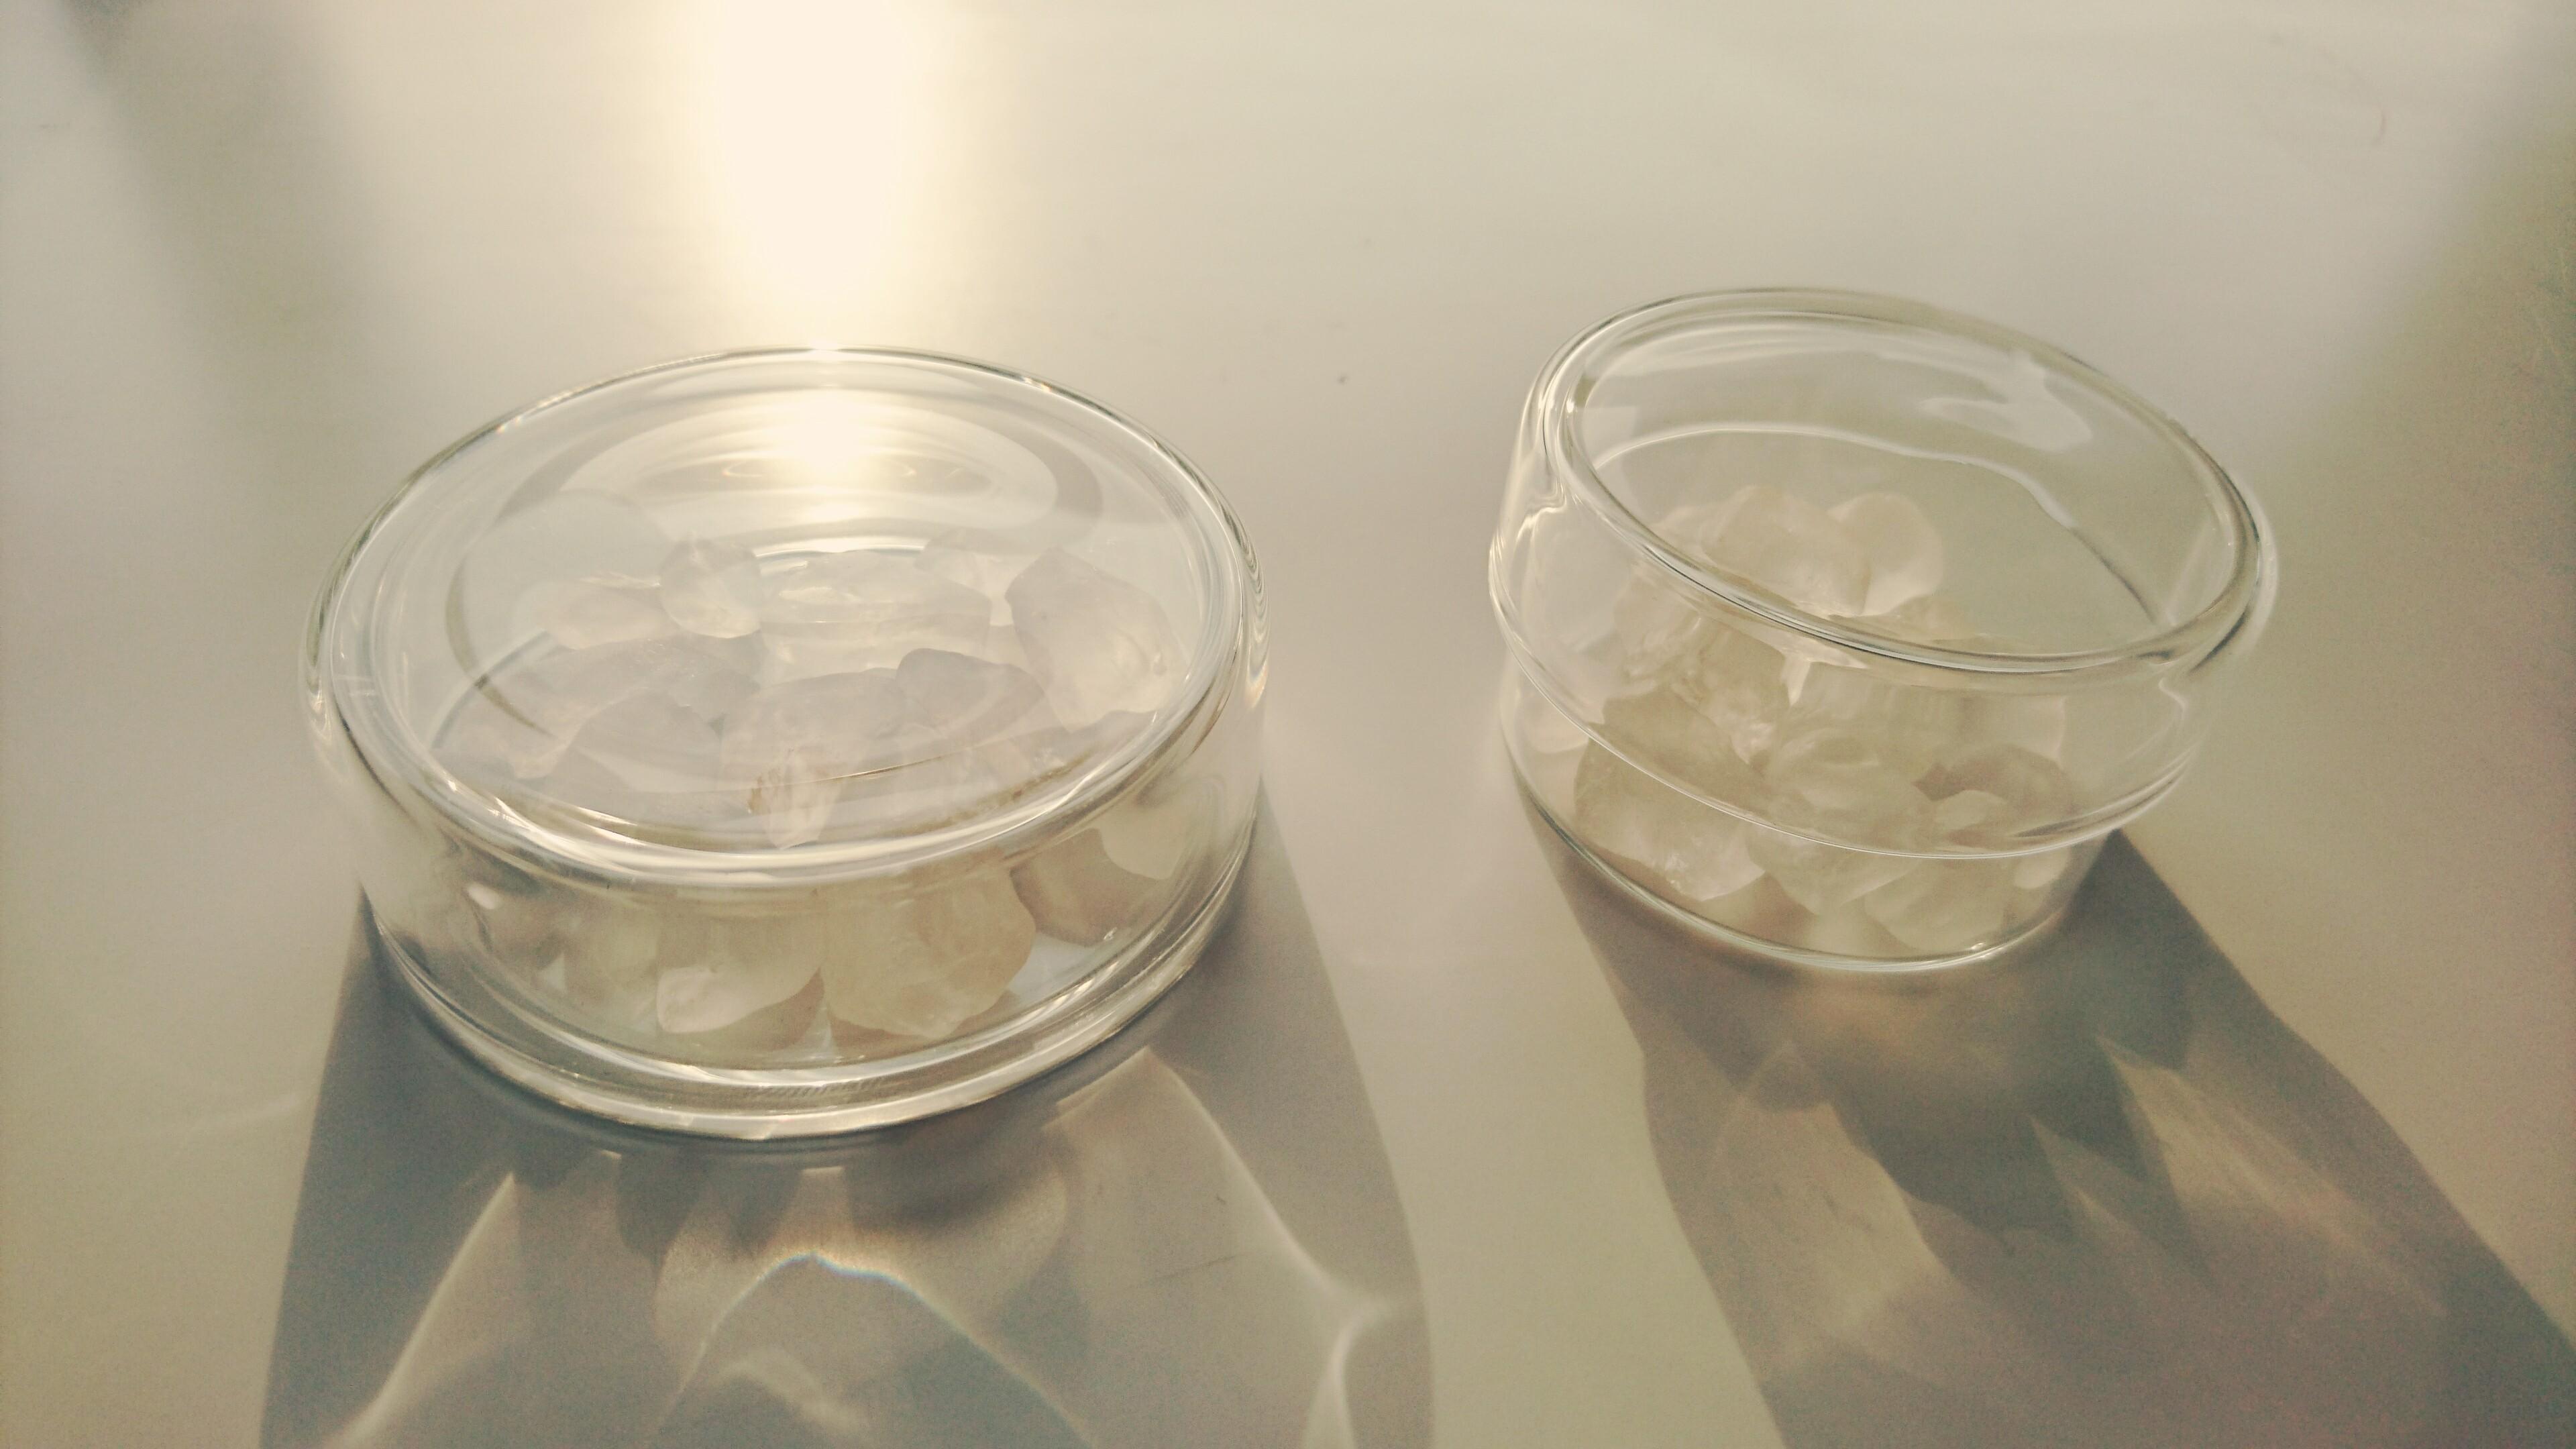 ガラスの容器に入れておくと月光浴や日光浴の時の浄化にもディスプレイとしてもオススメです。